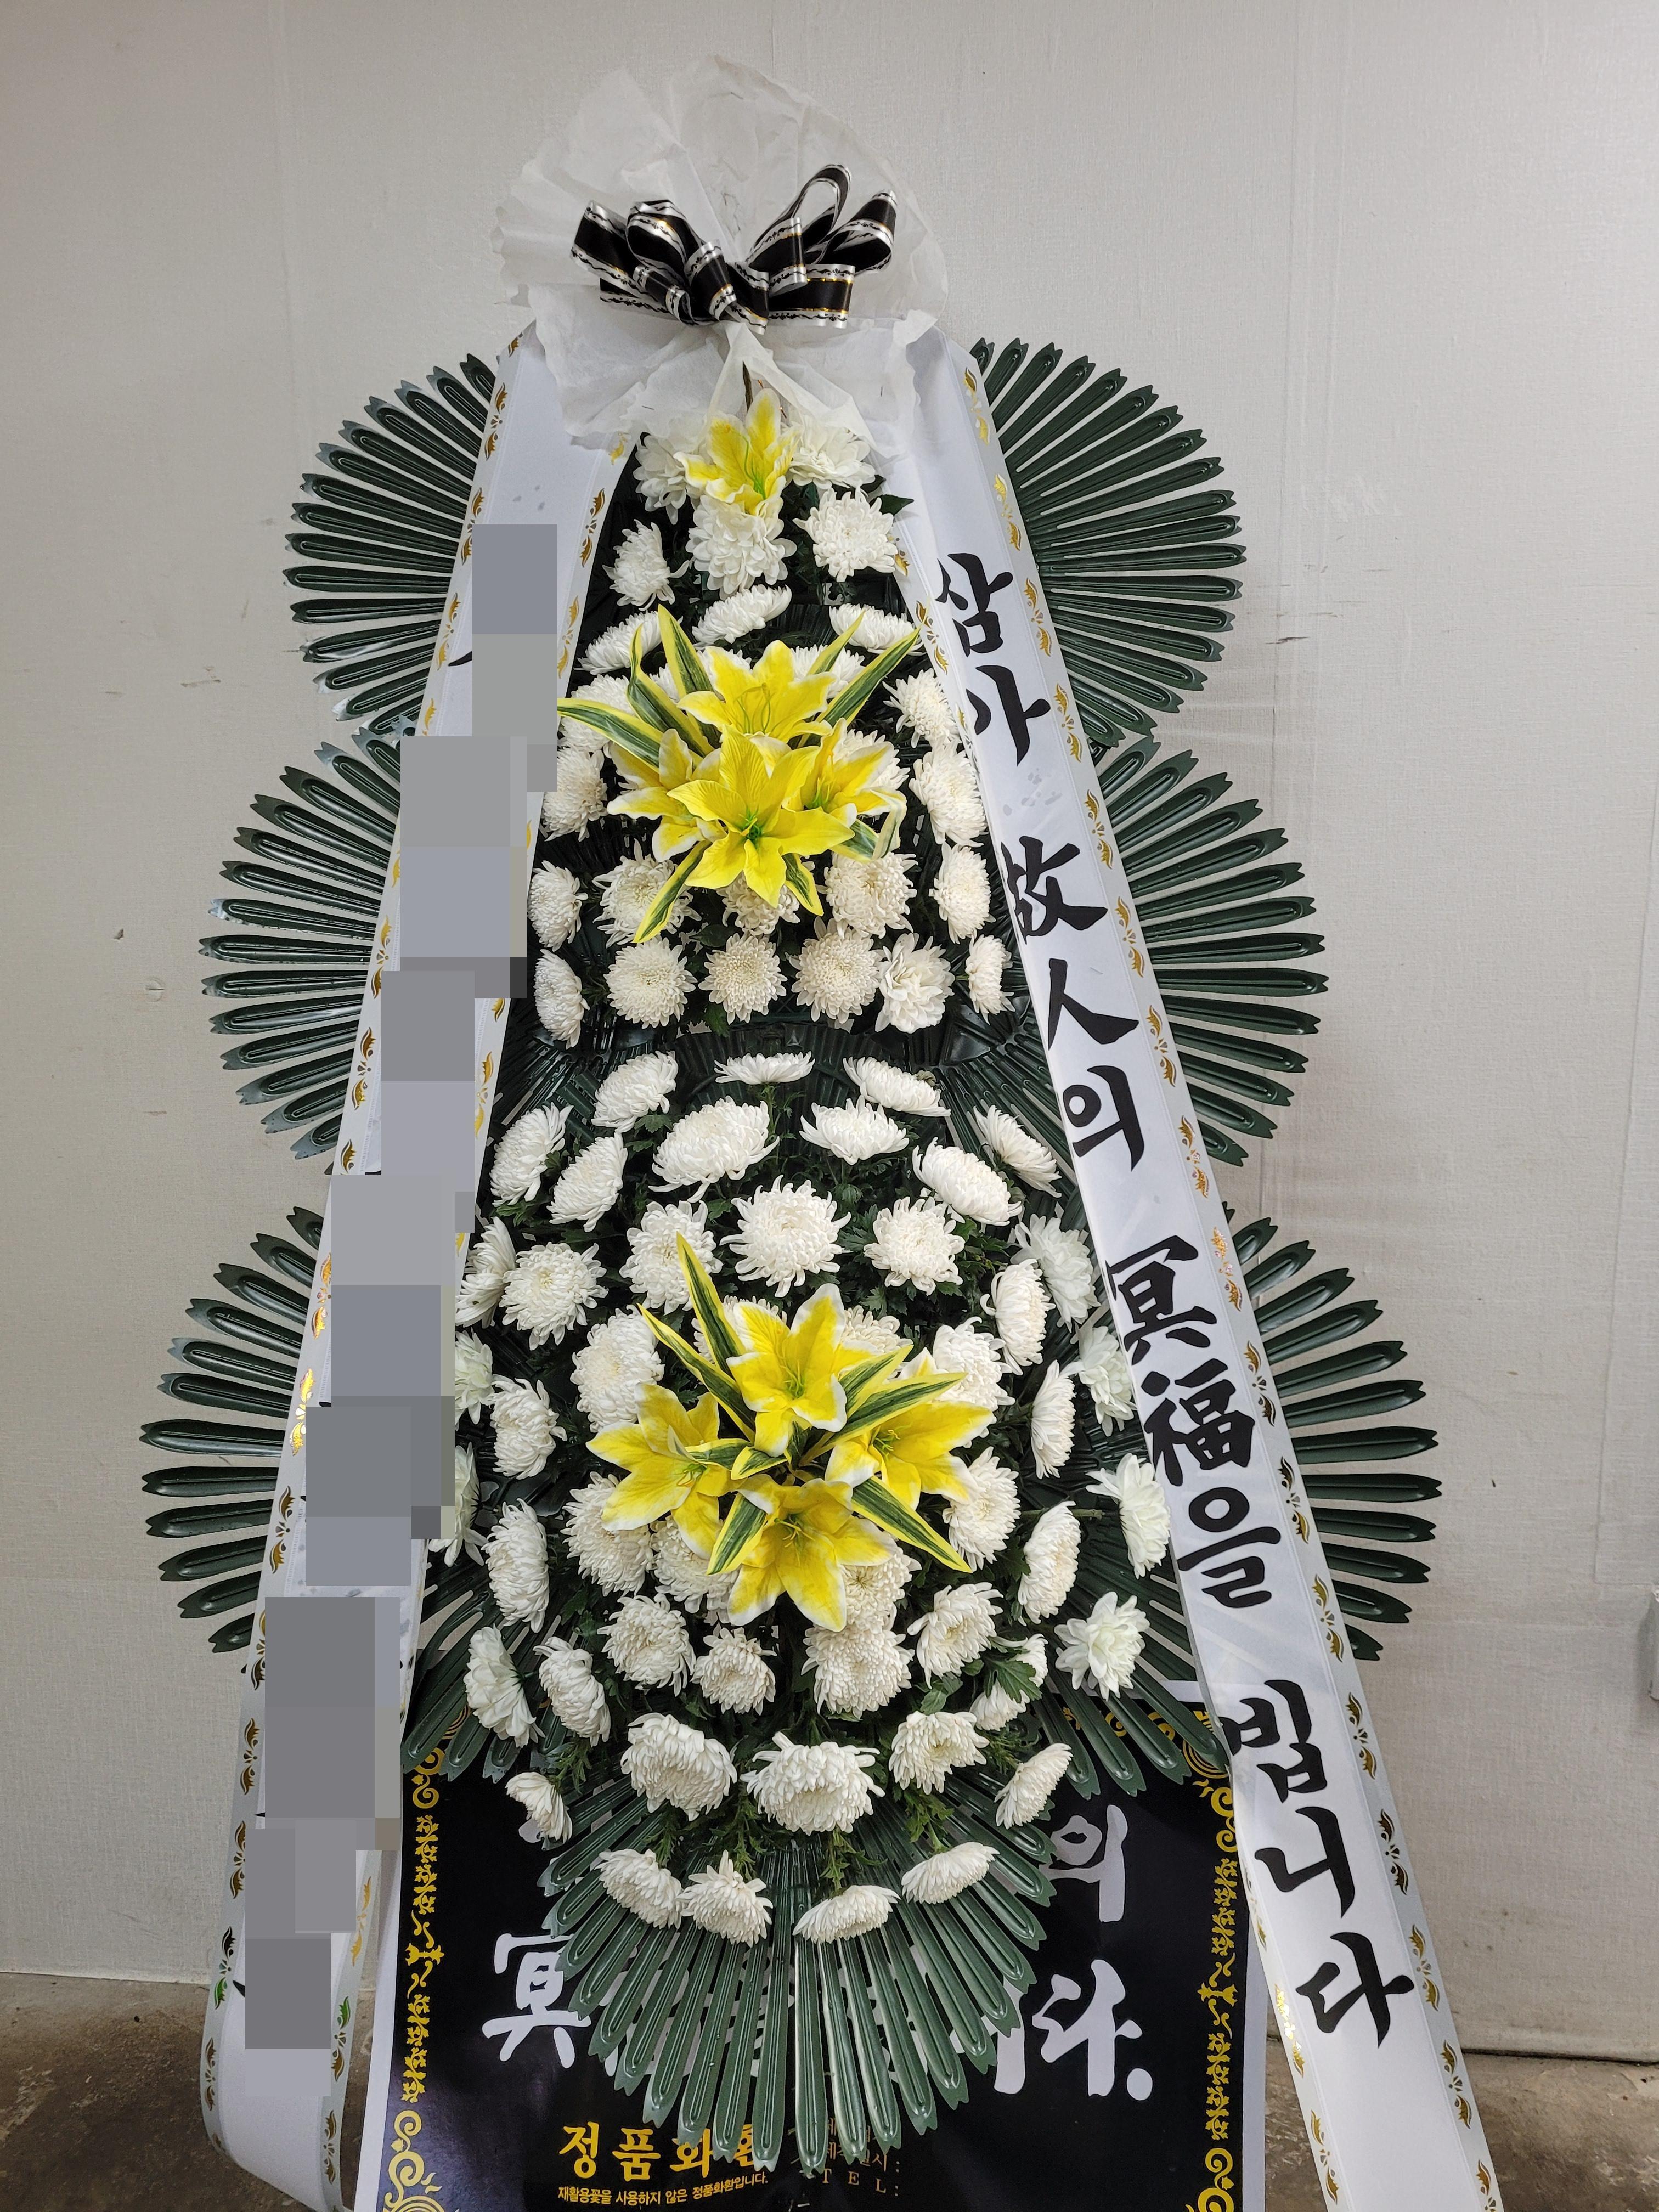 주문자 김00 강원으로 배송된 상품사진입니다.